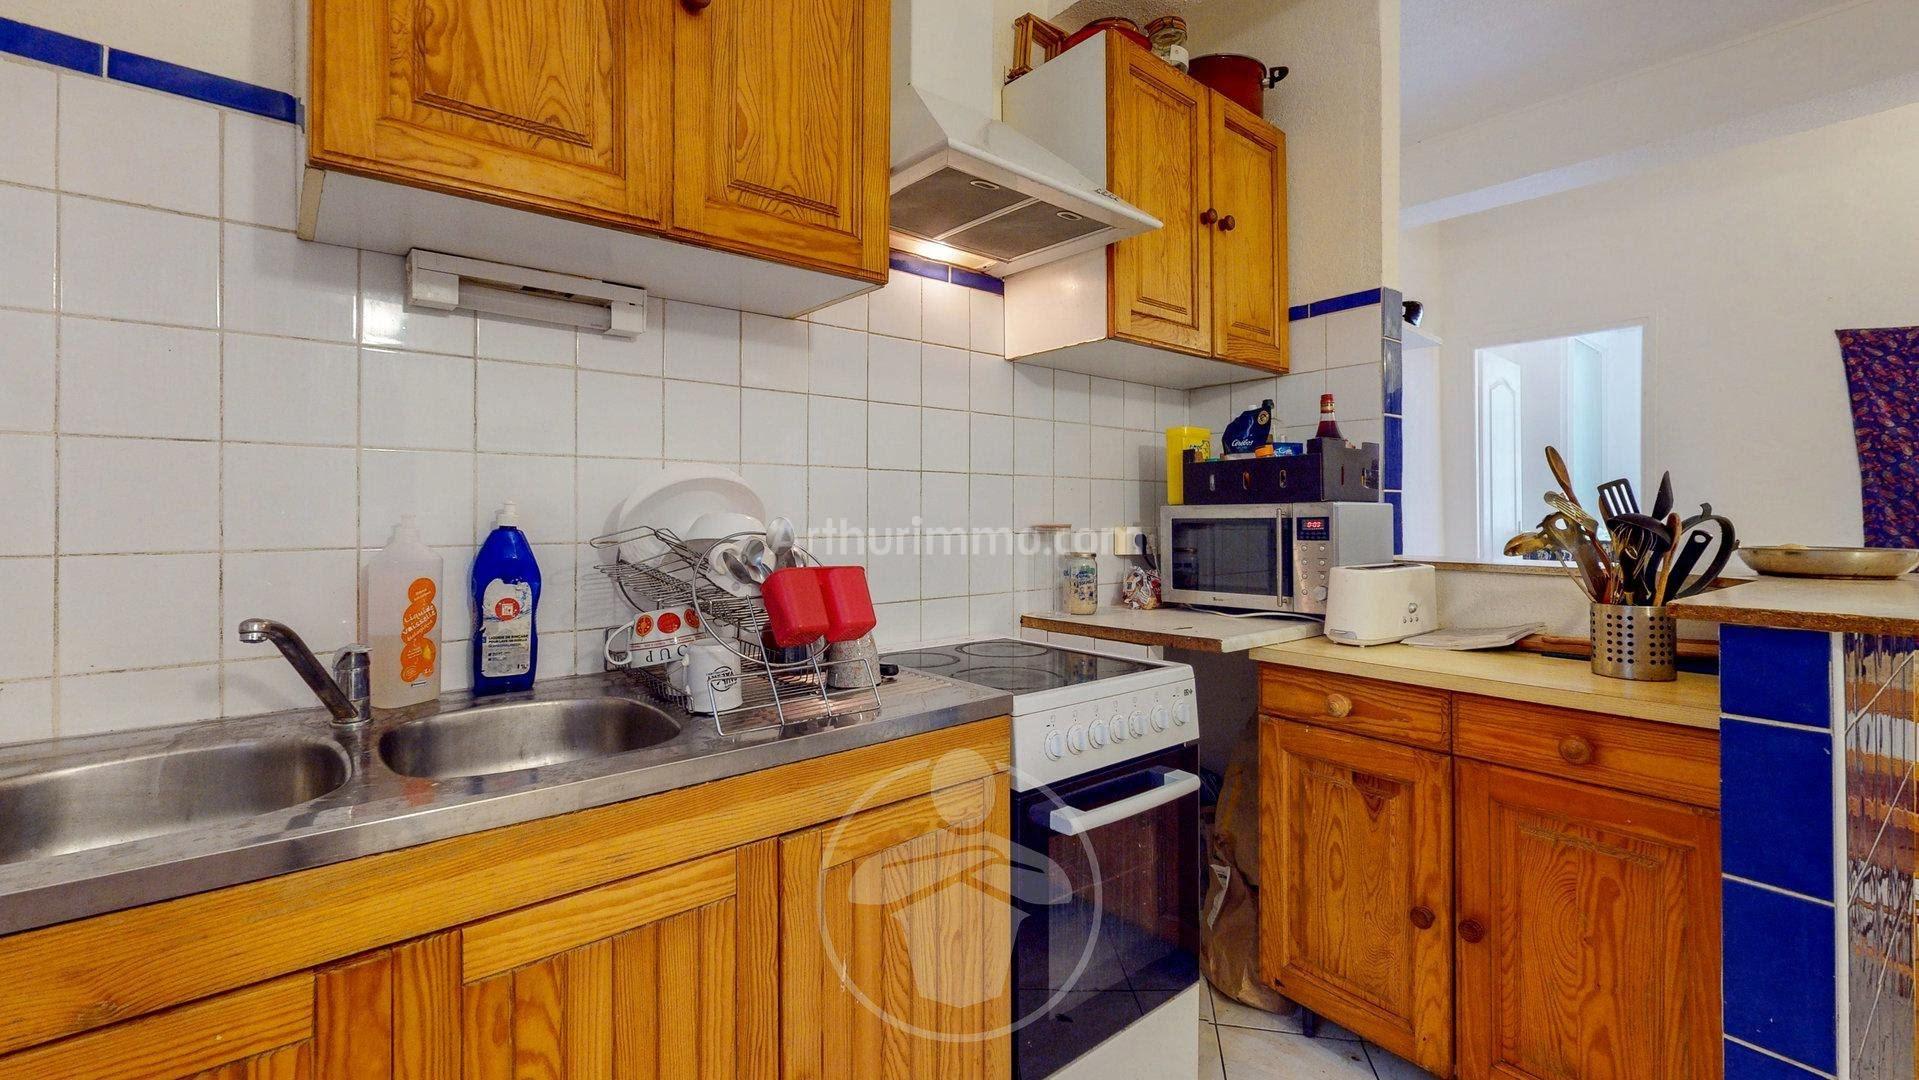 Vente appartement 7 pièces 101,34 m2